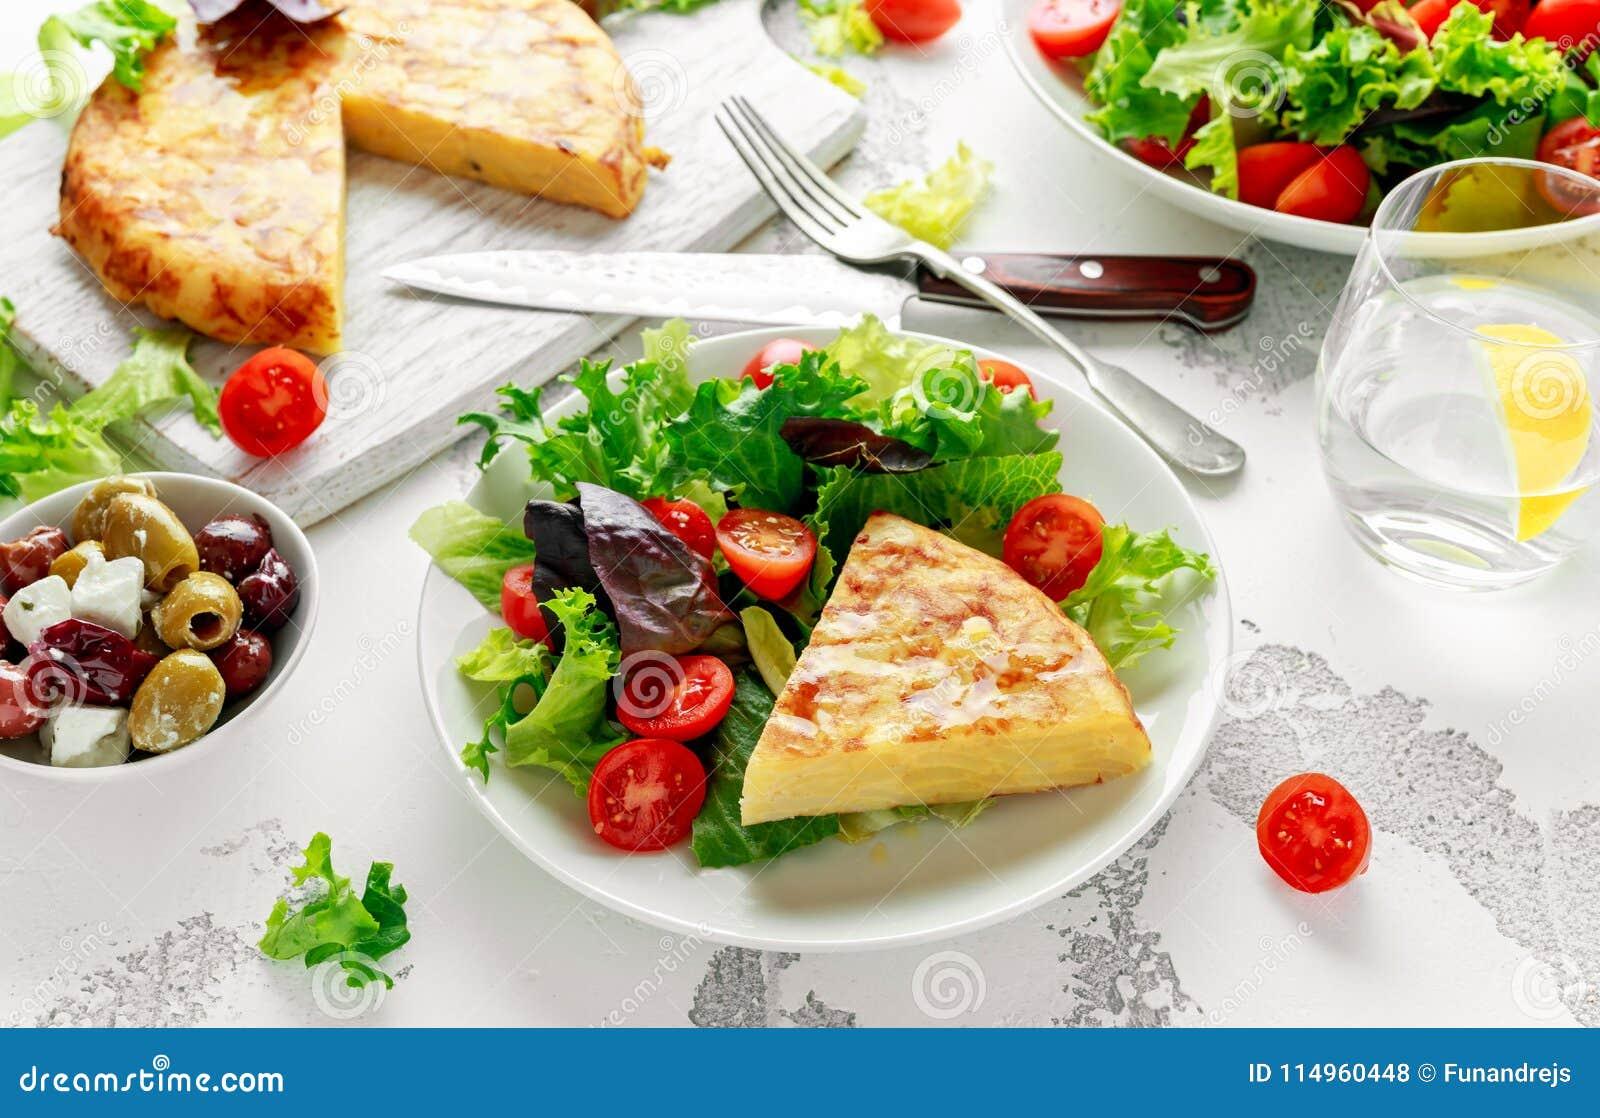 Hiszpański tortilla, omelette z grulą, cebula, warzywa, pomidory, oliwki i ziele w białym talerzu, śniadanie